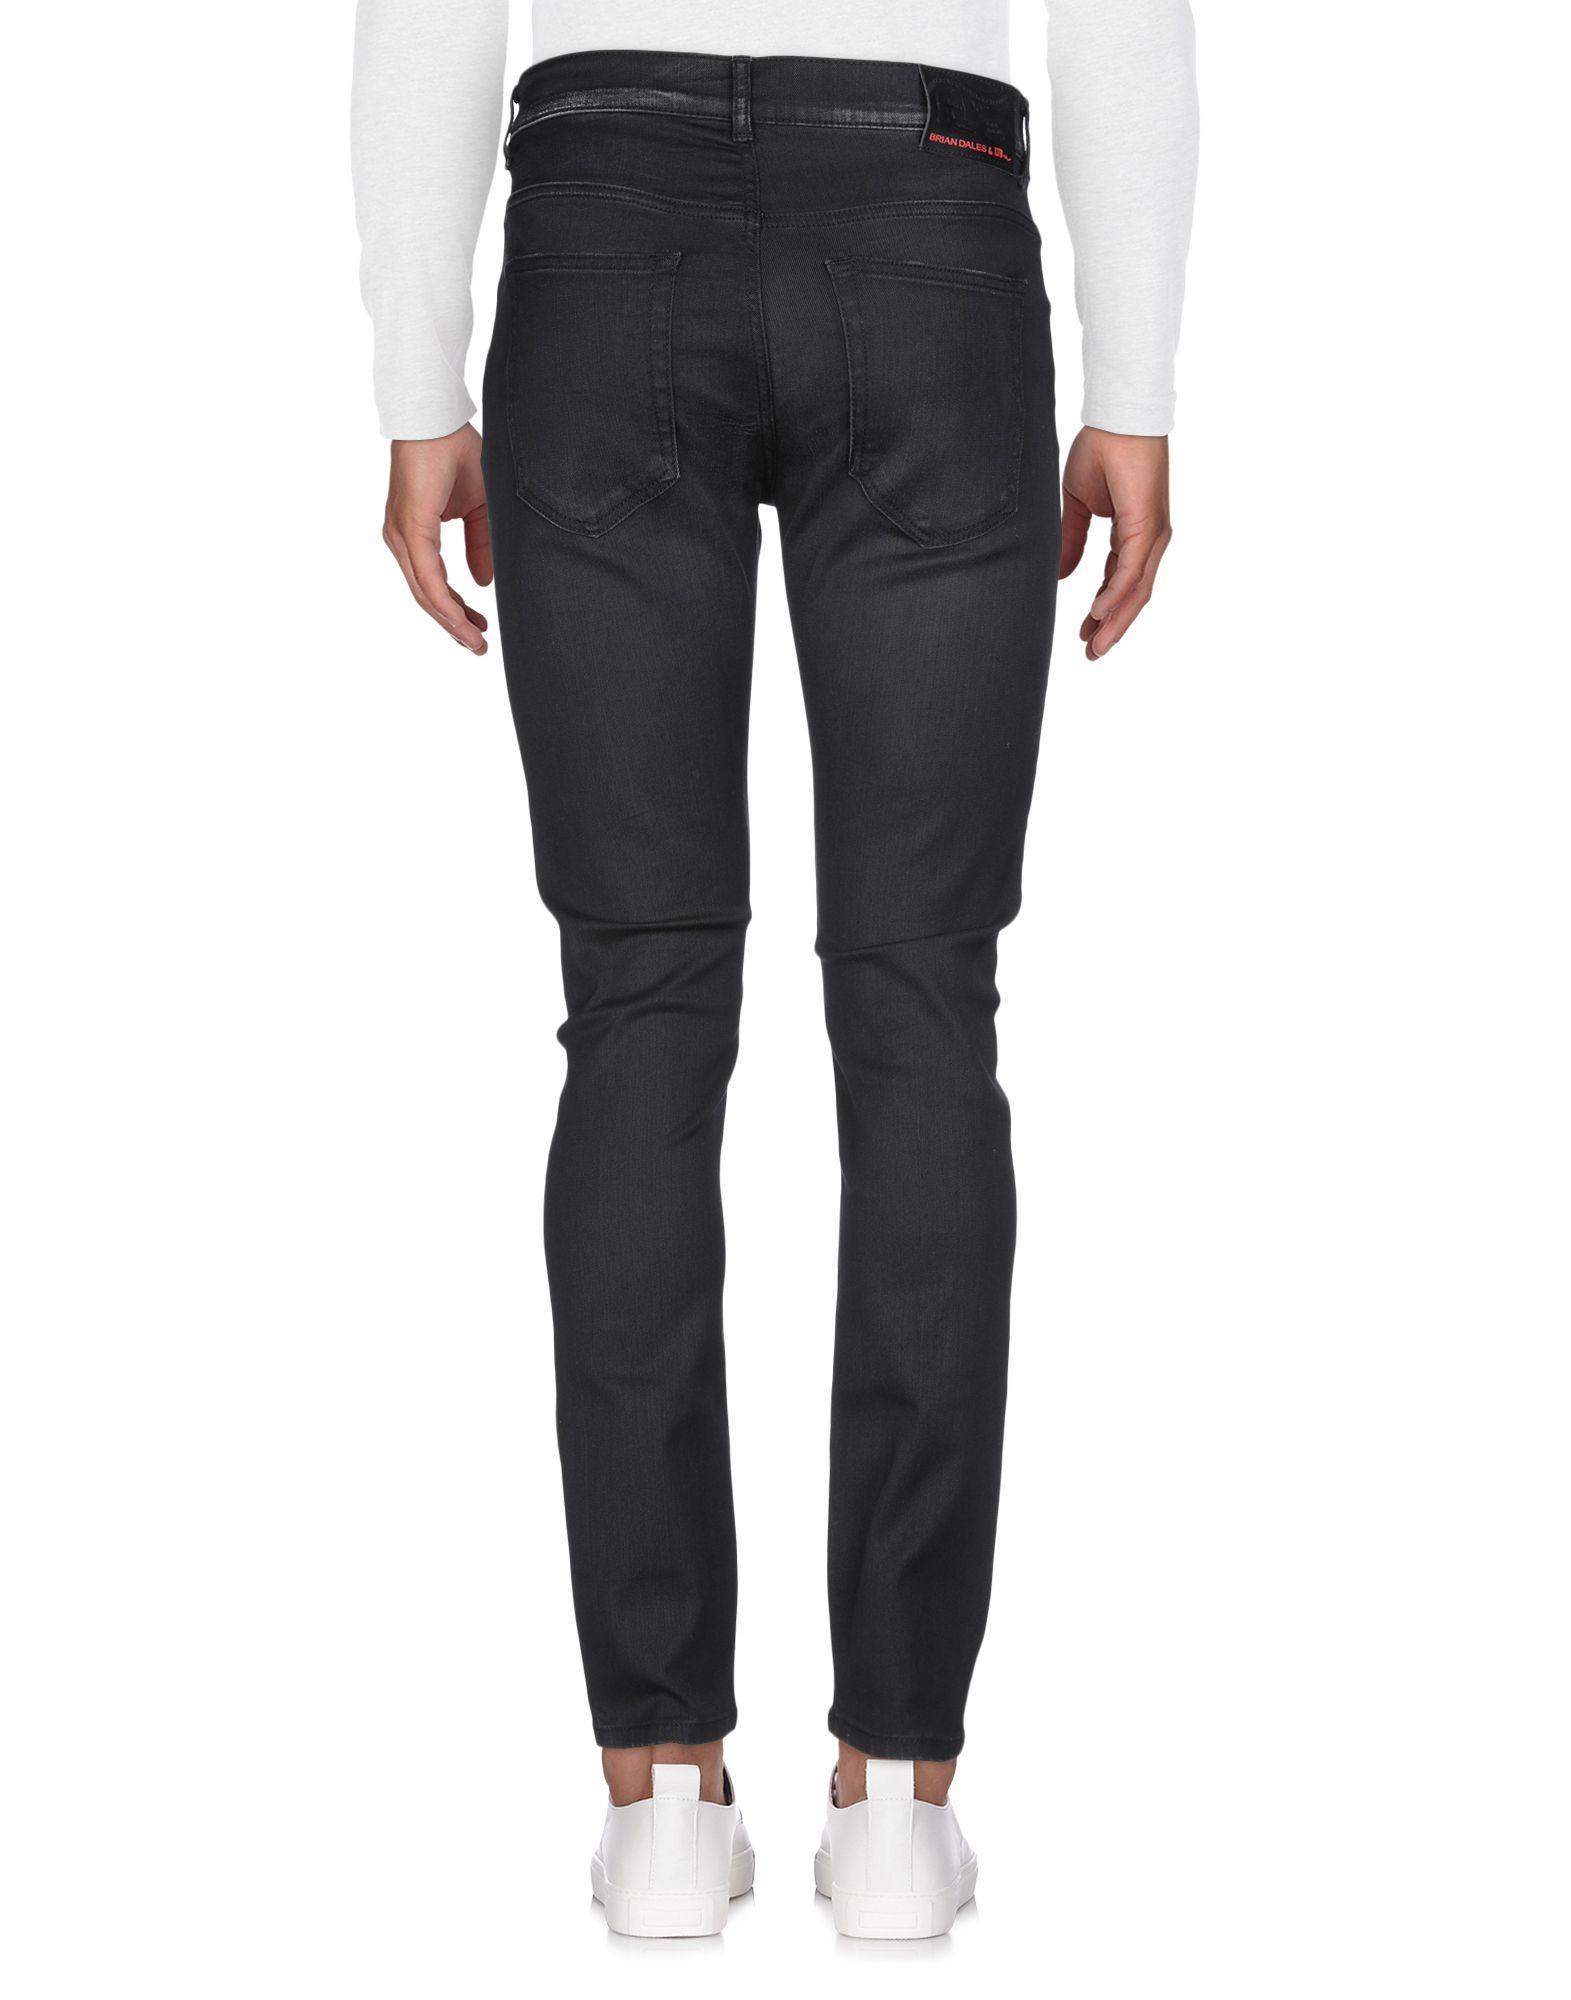 Pantaloni 42686270BL Jeans Brian Dales Uomo - 42686270BL Pantaloni 2cc2a0